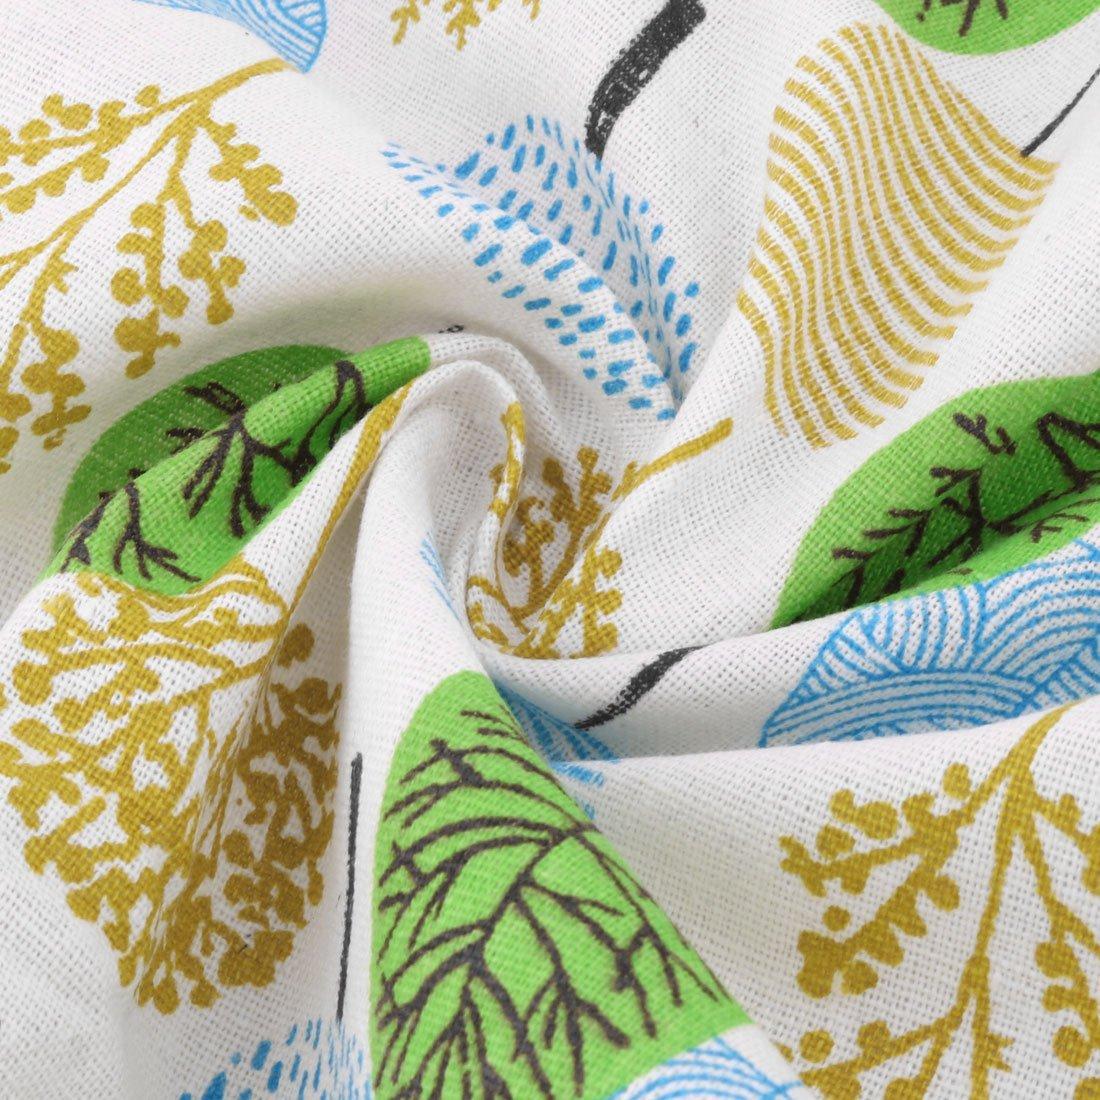 Amazon.com: Padrão DealMux linho Árvore Início Sofá Tabela Handmade Art Craft DIY pano de 1, 55 x 1M